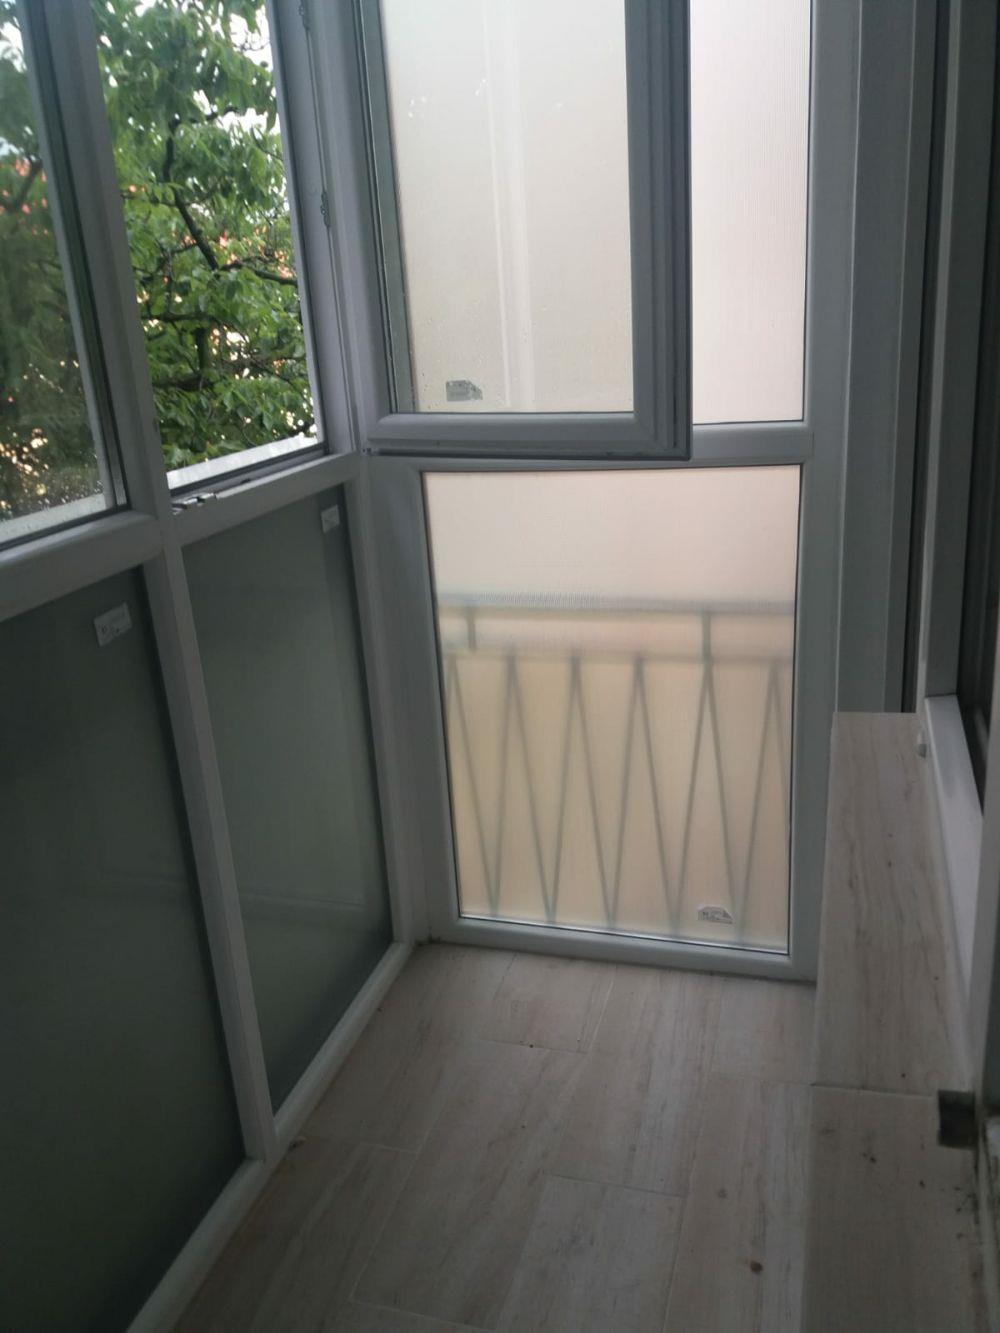 Proprietar vand apartament central 2 camere bloc de caramida et 2 - imagine 11